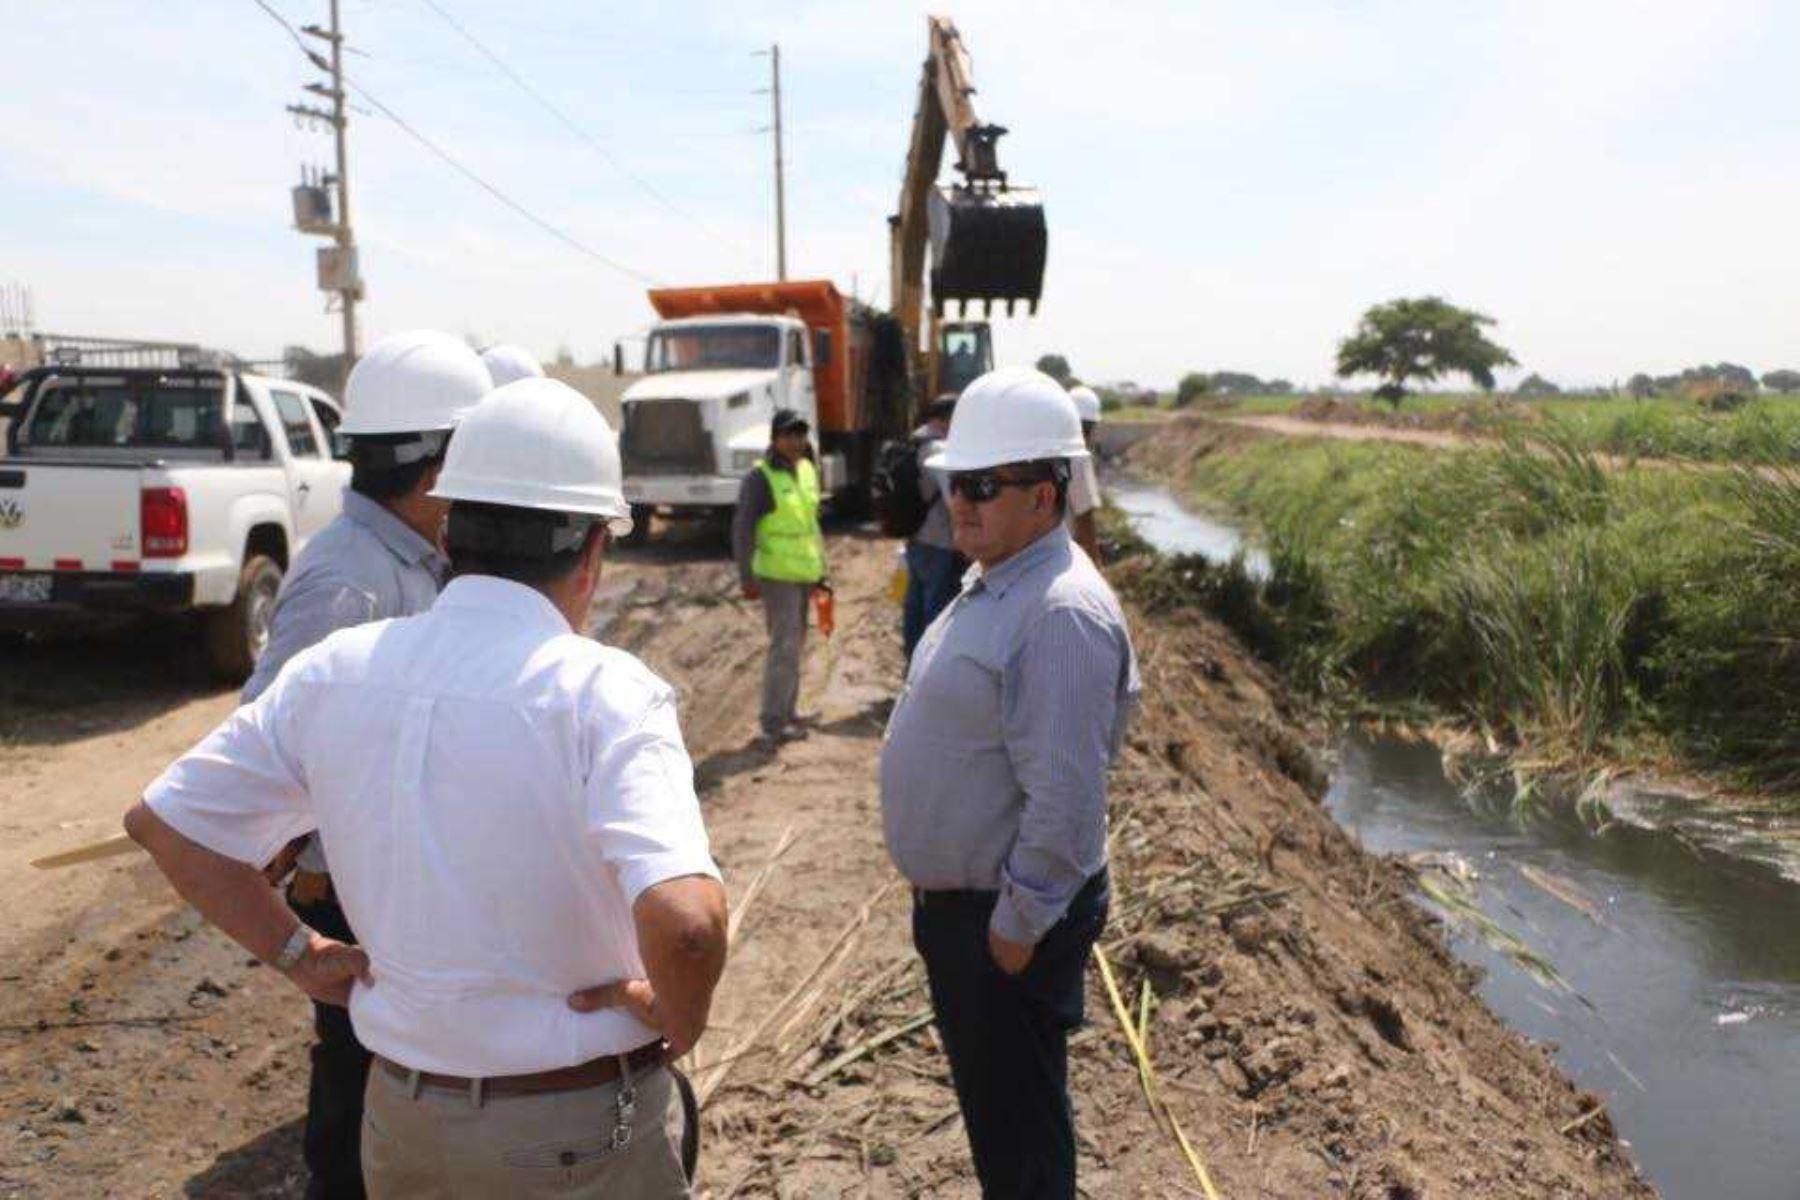 El gobernador regional de Lambayeque, Humberto Acuña Peralta, supervisó las obras de descolmatación y limpieza de drenes, ejecutadas por la Gerencia Regional de Agricultura, en el marco de las labores de prevención financiadas por la Autoridad Nacional para la Reconstrucción con Cambios.